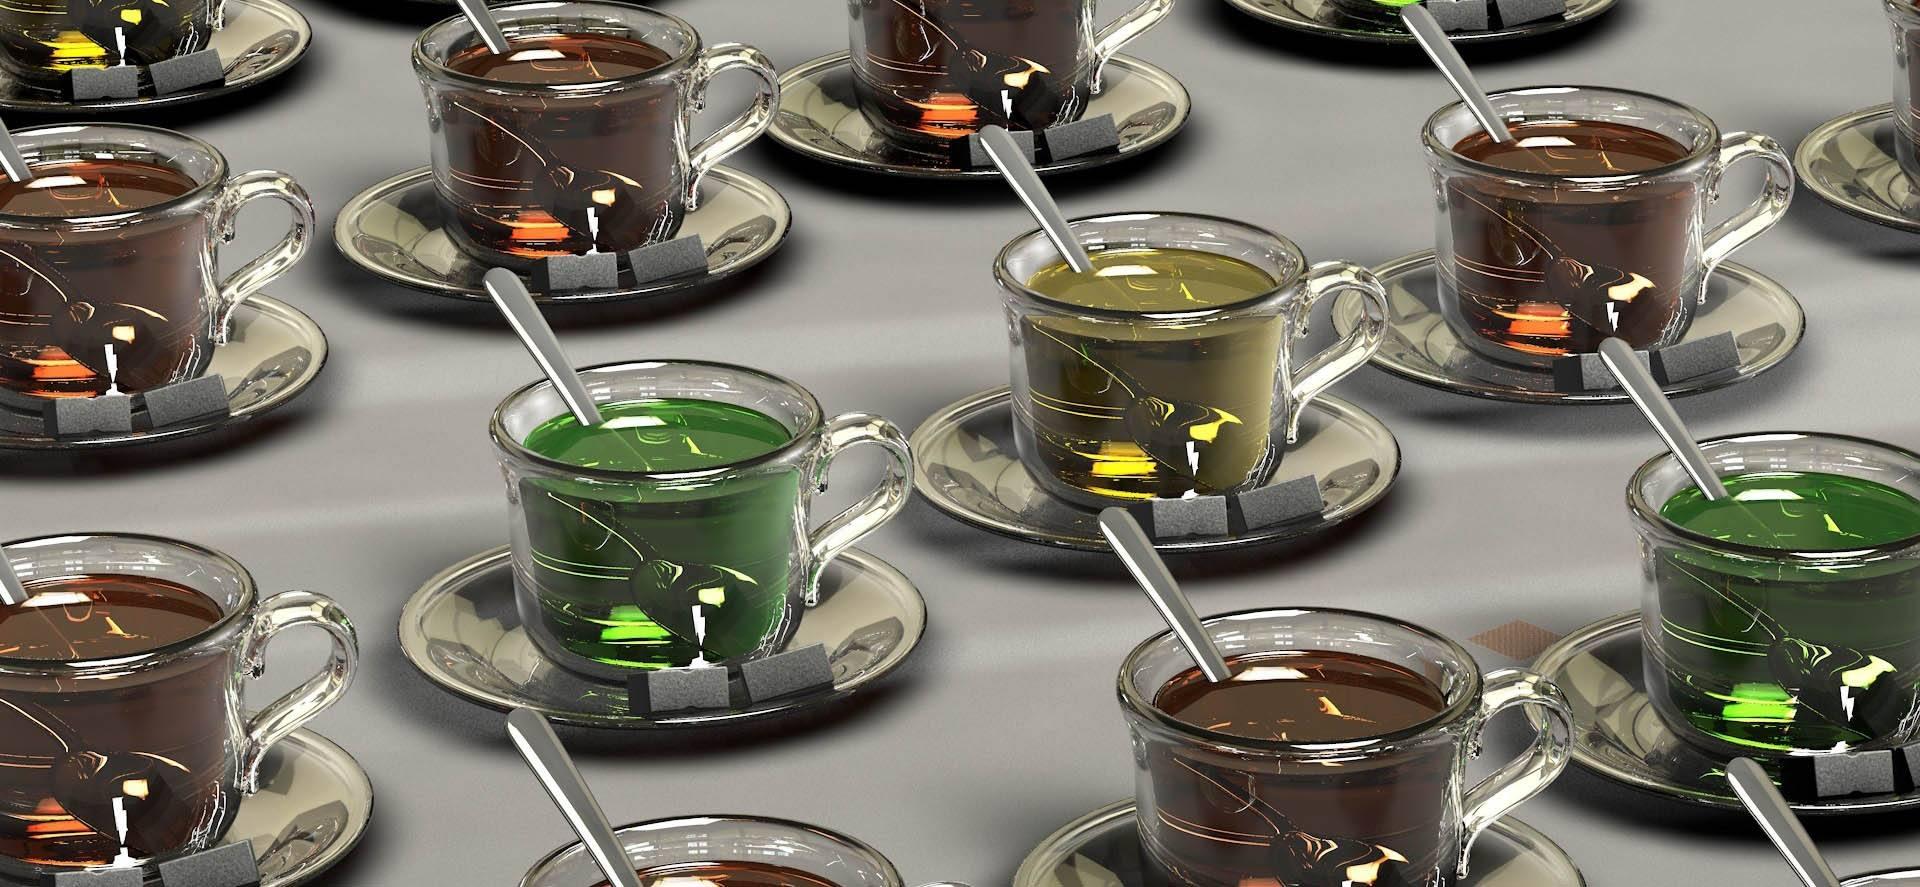 Tipos de té en tazas de té